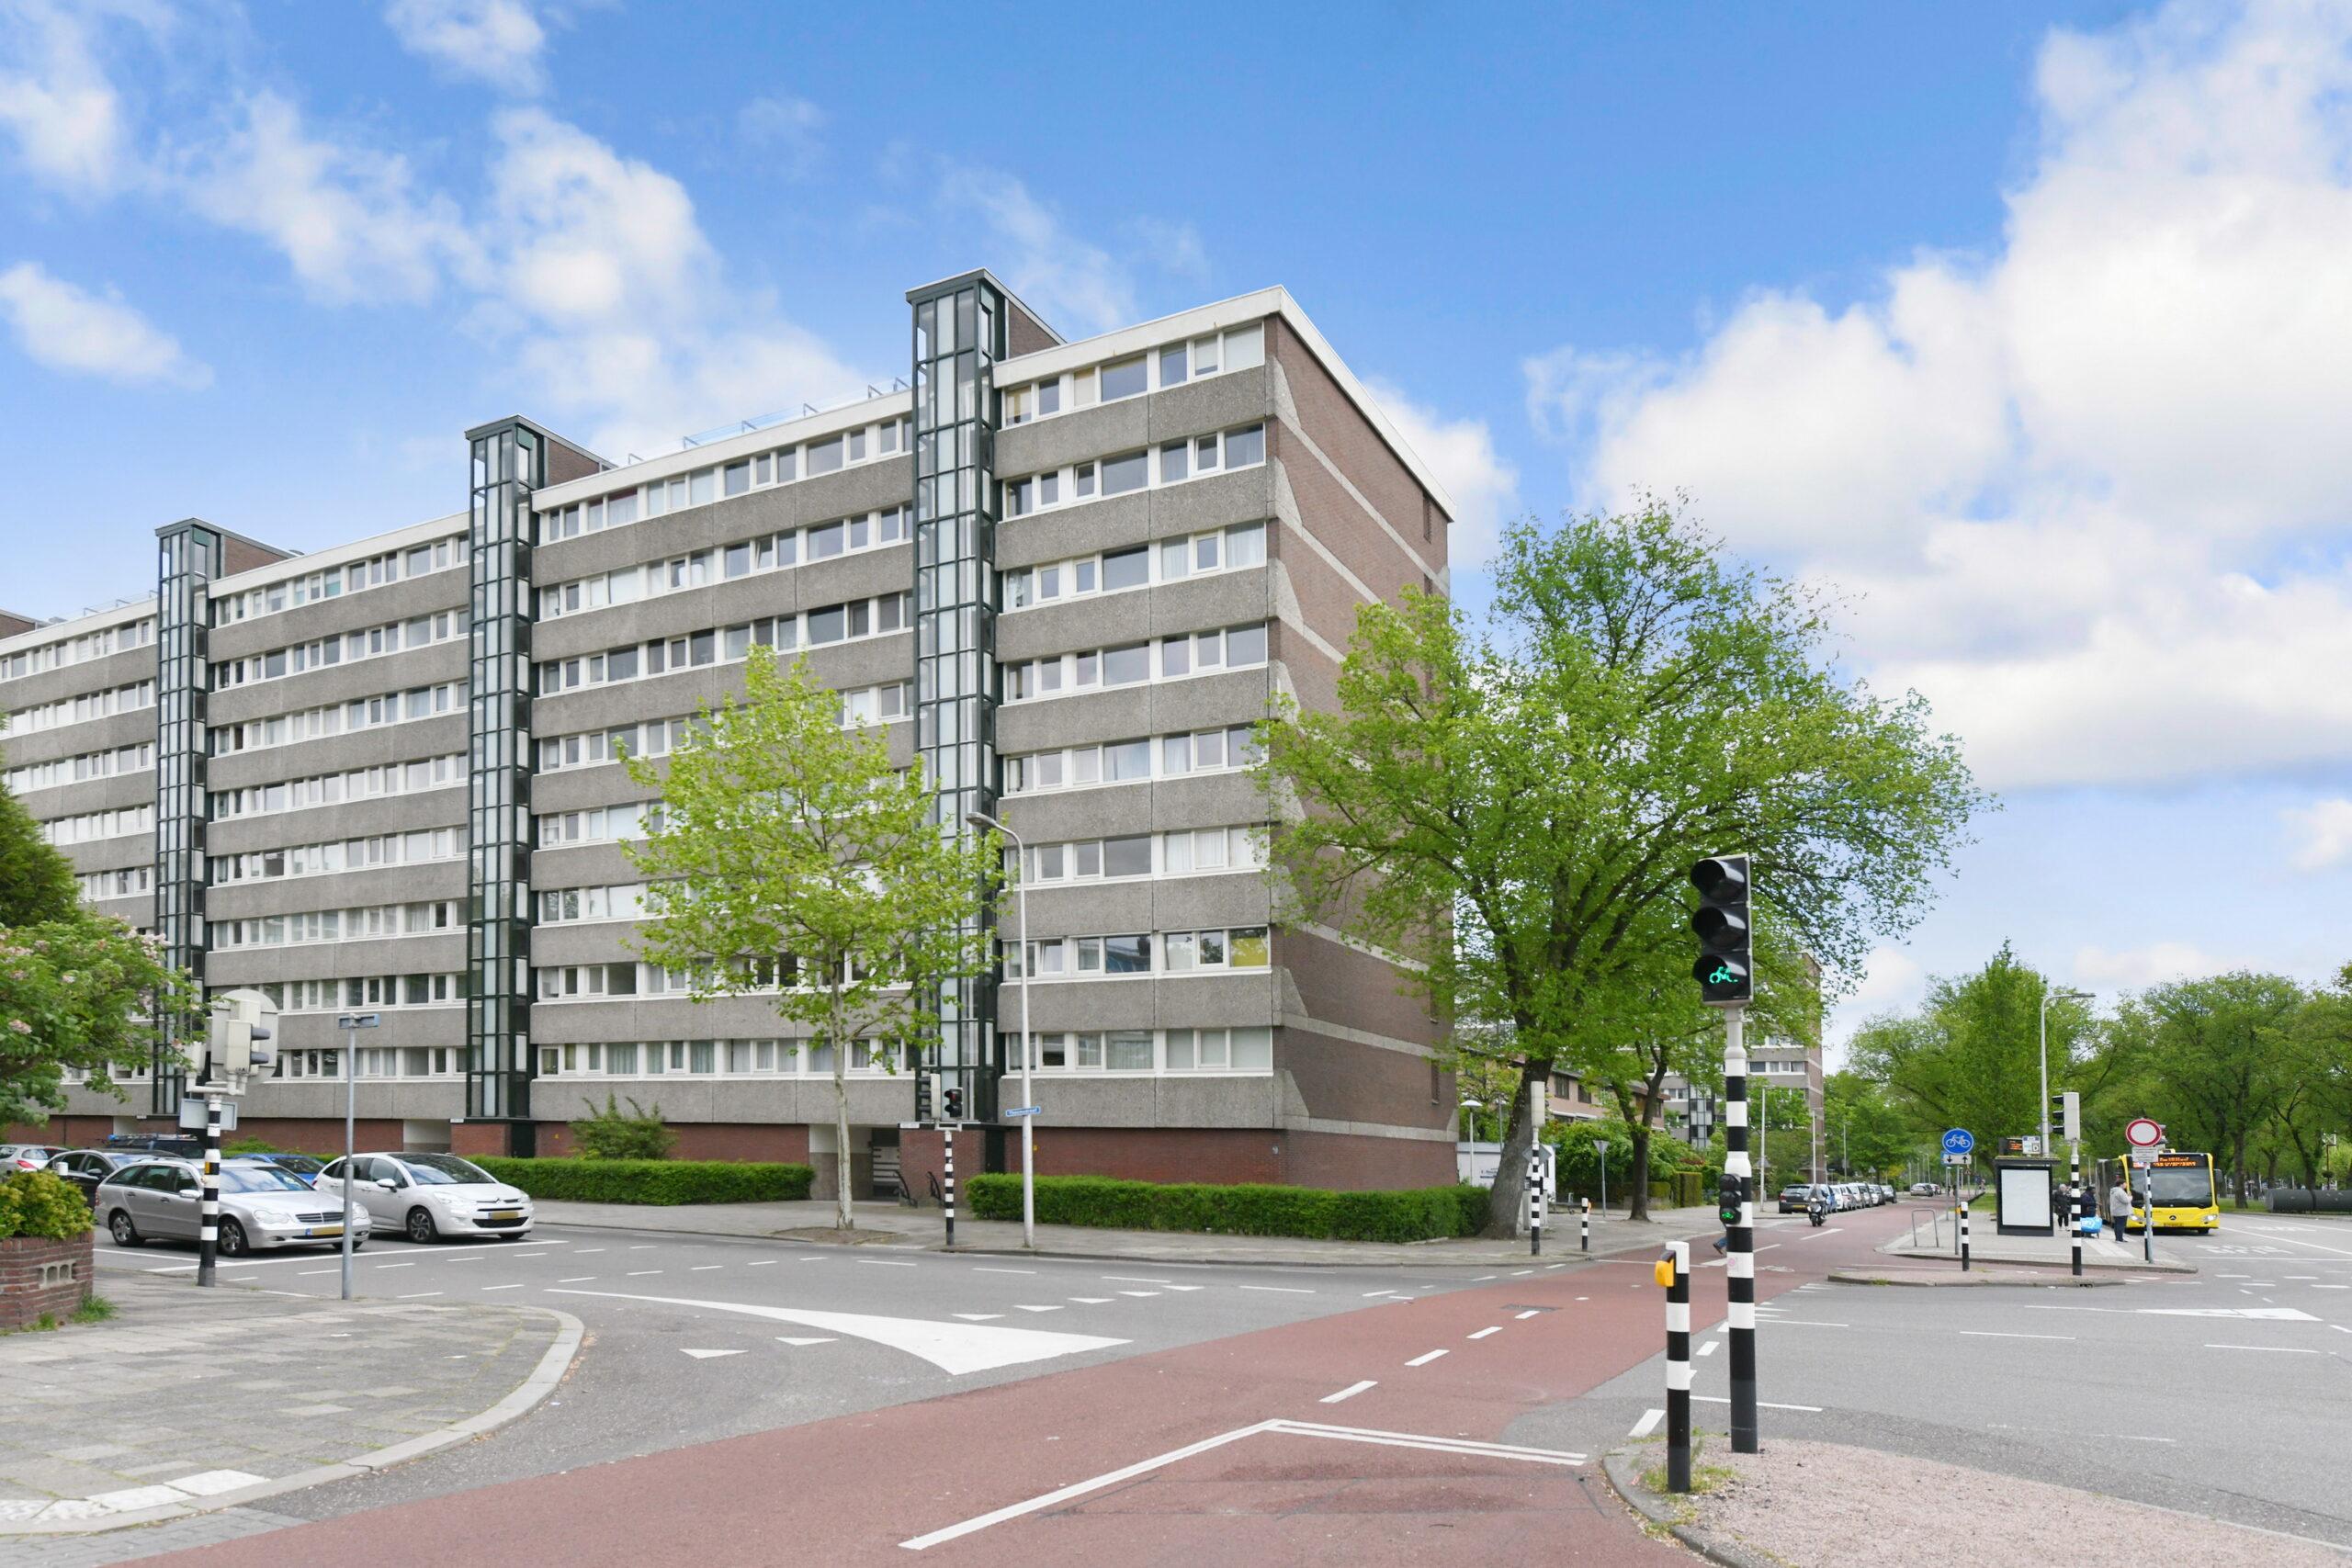 Theemsdreef 438, 3562 ES Utrecht